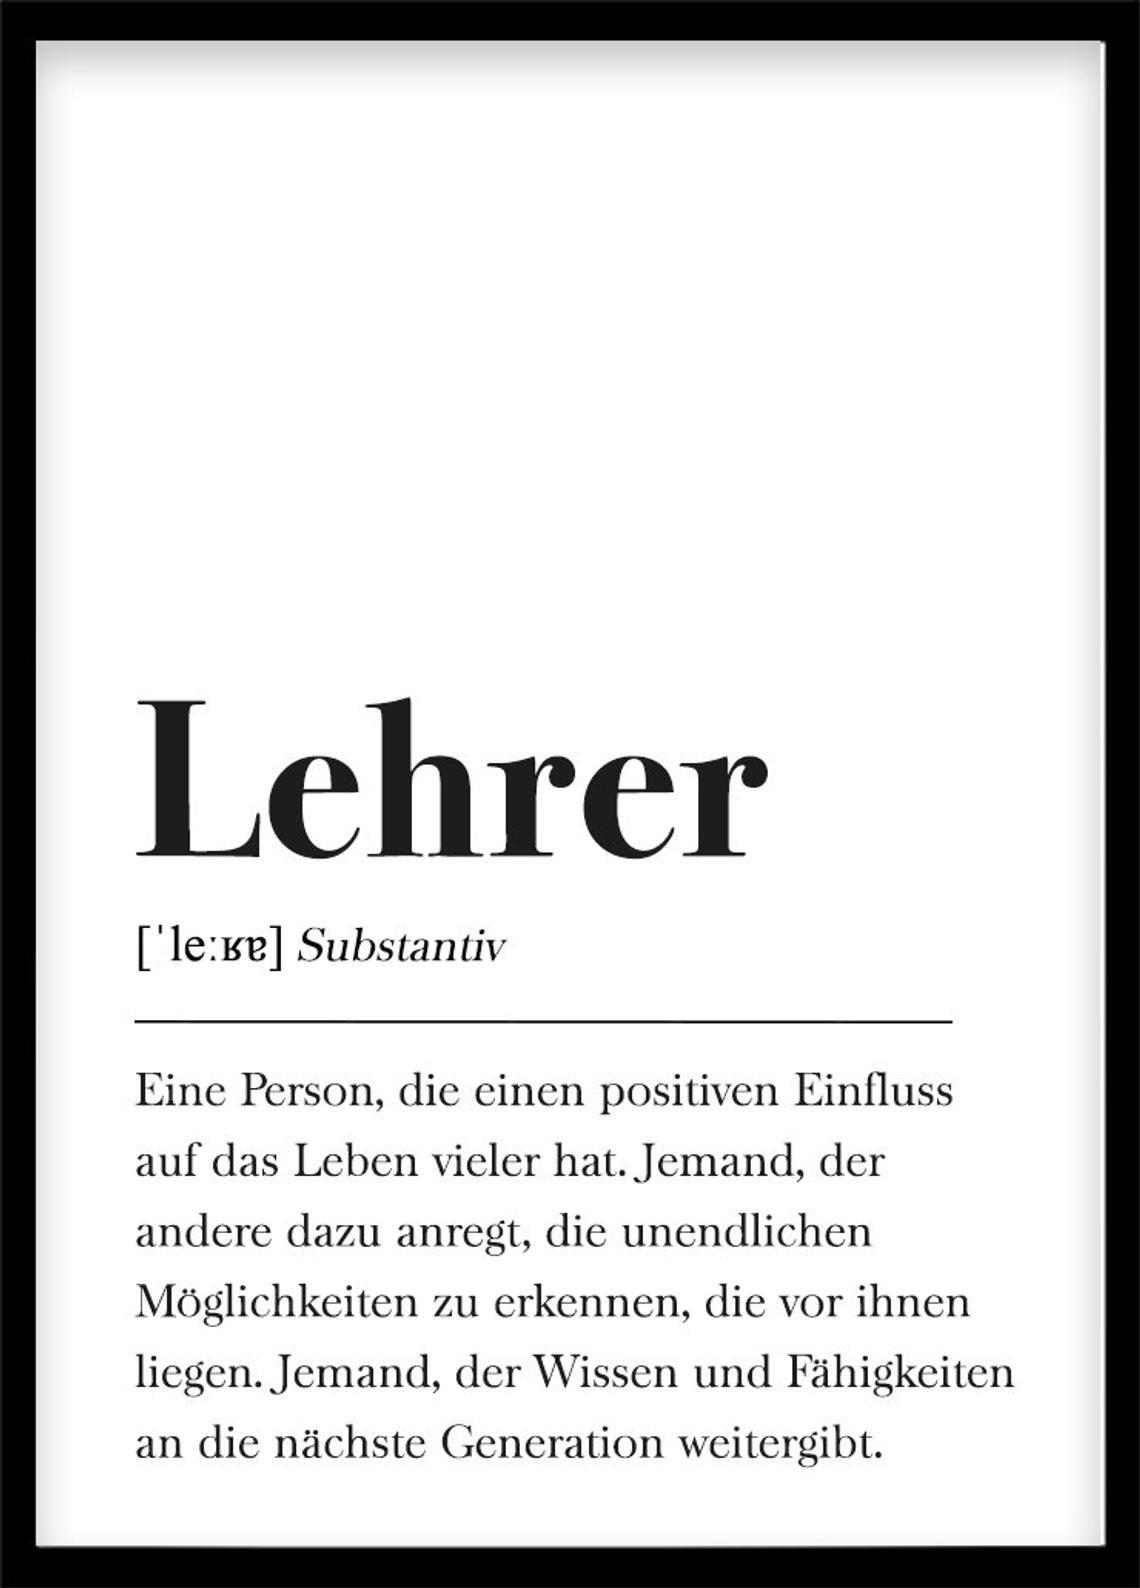 lehrer geschenk poster definition lehrer schwarz wei. Black Bedroom Furniture Sets. Home Design Ideas